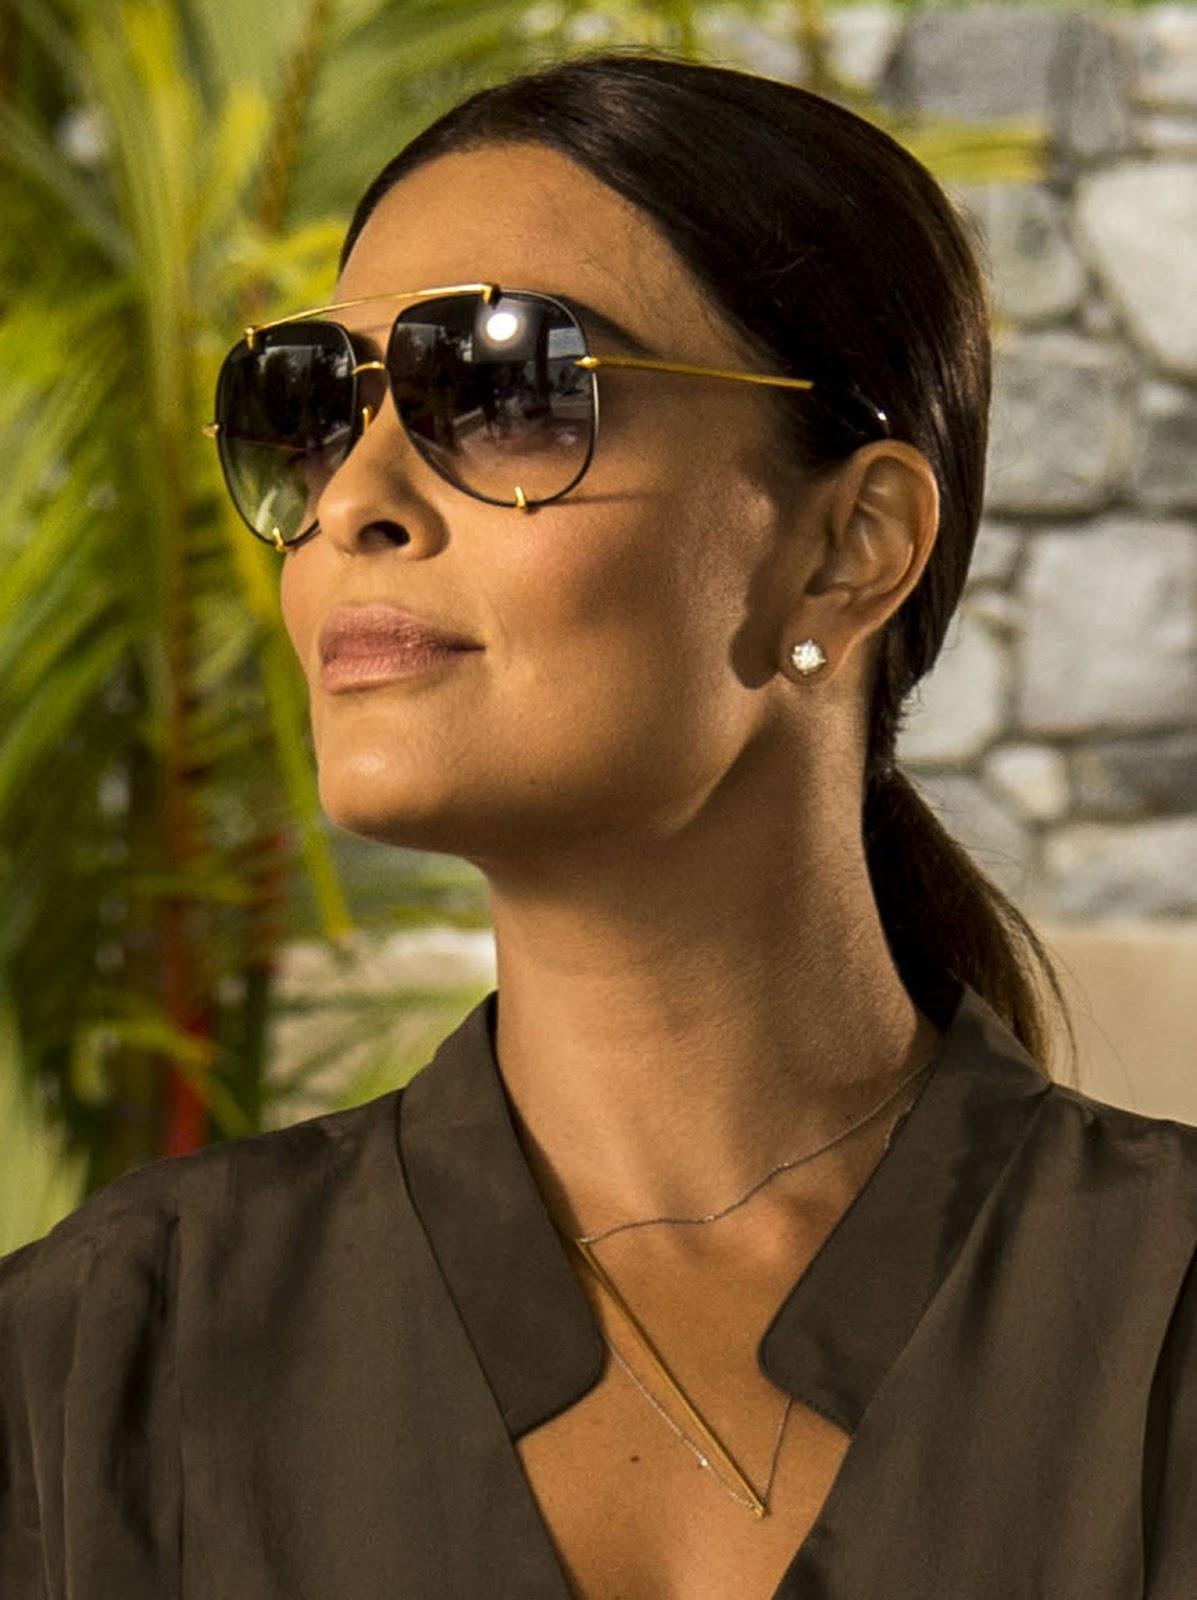 68b0485e649d7 A personagem Carolina, interpretada pela atriz Juliana Paes na novela  Totalmente Demais, usa um modelo repaginado do óculos aviador com armação  dourada.